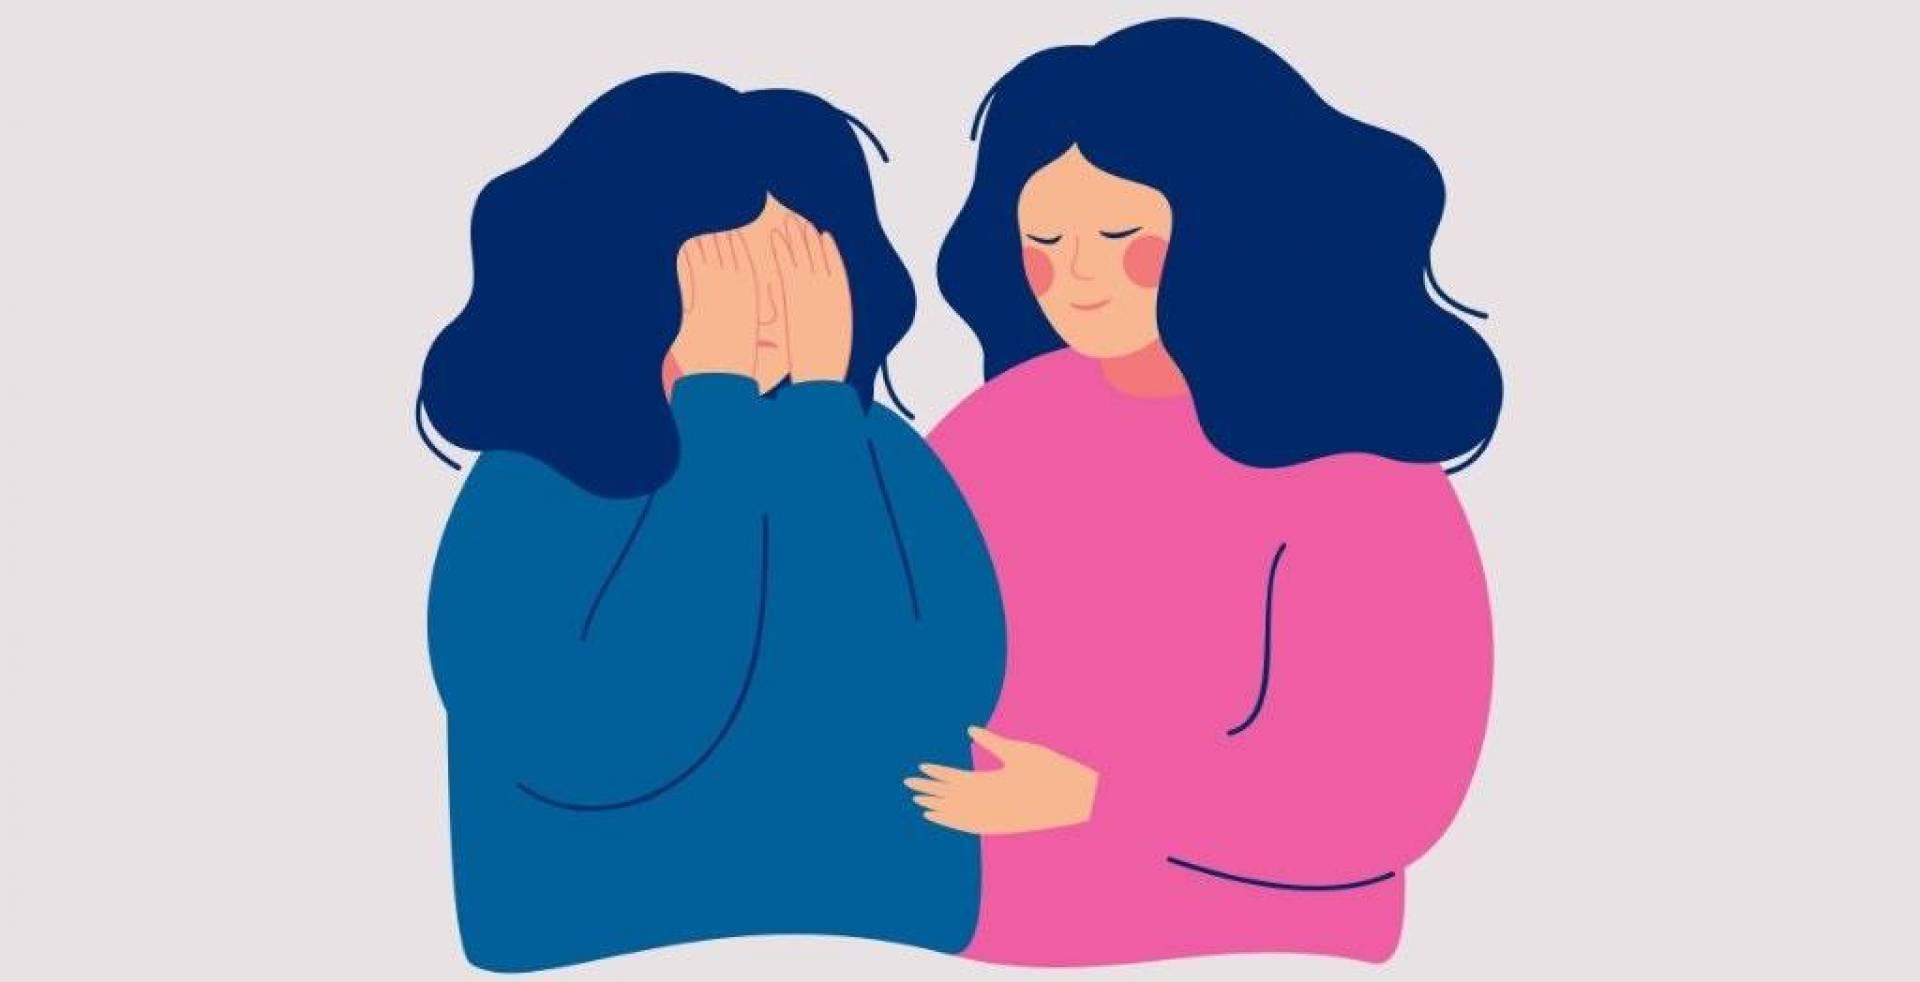 كيف تتعامل مع شخص يعاني «اضطراباً» نفسياً؟